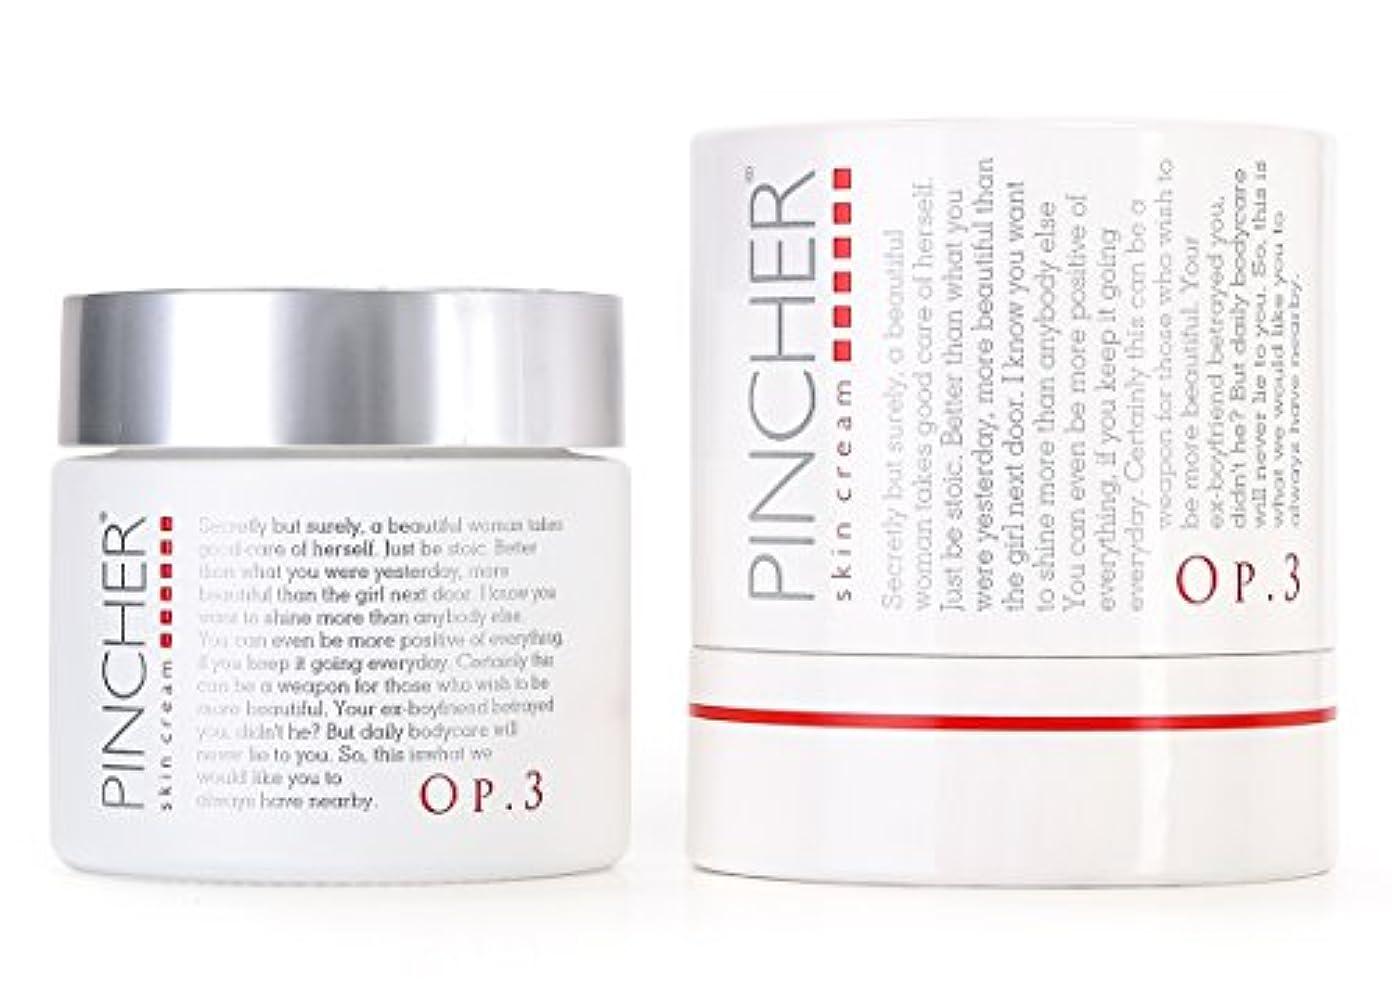 再生的マニアメタルラインPINCHER skin cream Op.3 50g ピンシャースキンケアクリームOp.3